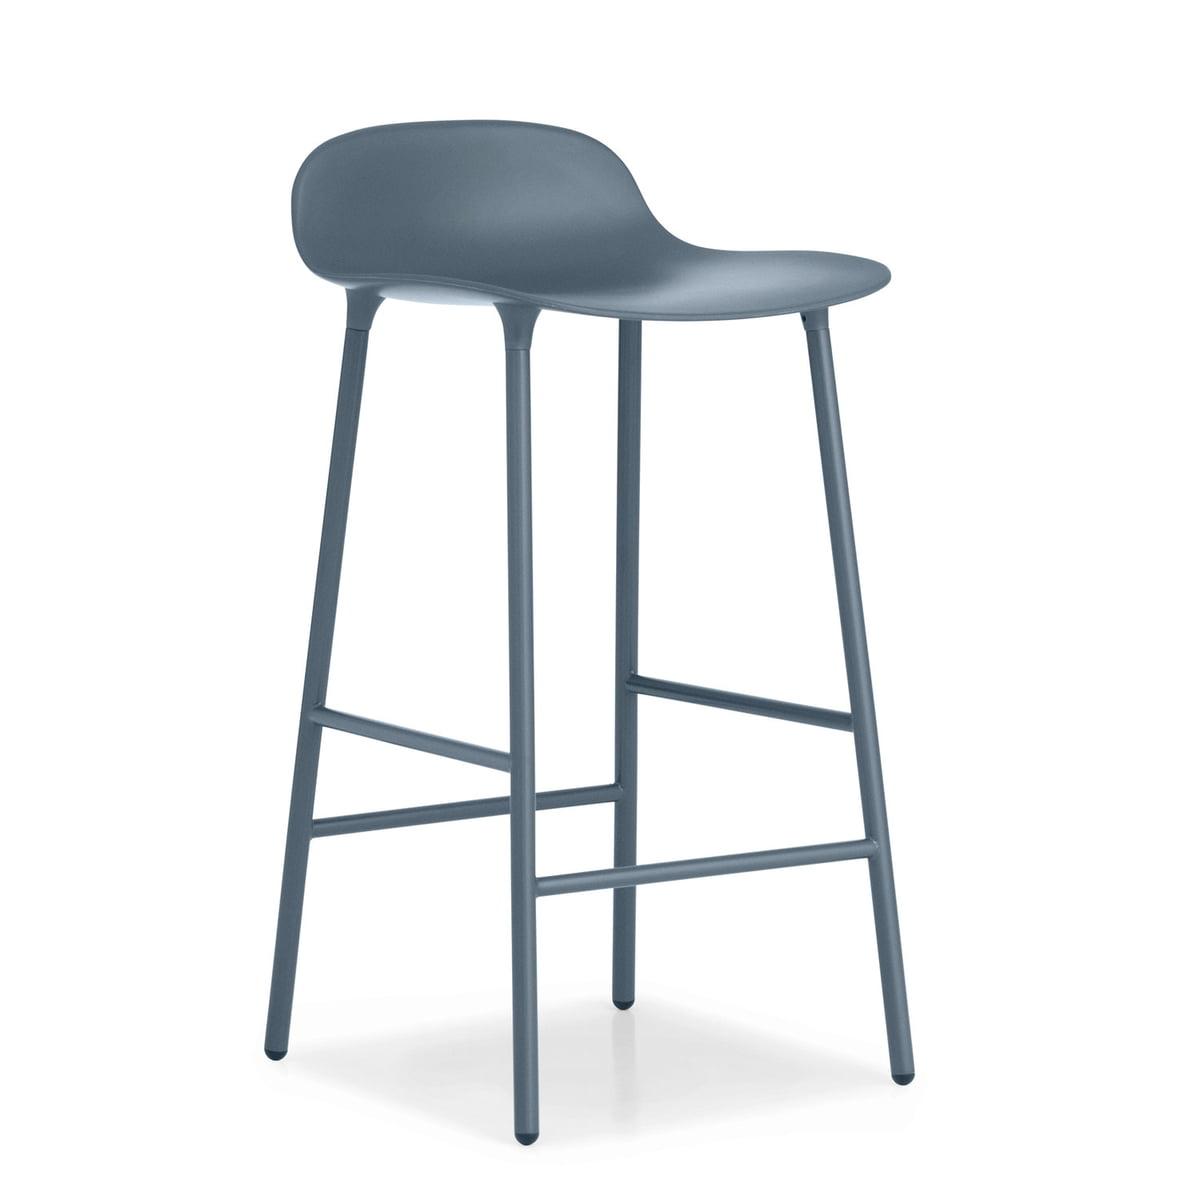 Normann Copenhagen - Form Barhocker H 65 cm, blau | Küche und Esszimmer > Bar-Möbel | Blau | Untergestell: stahl -  sitzschale: polypropylen | Normann Copenhagen